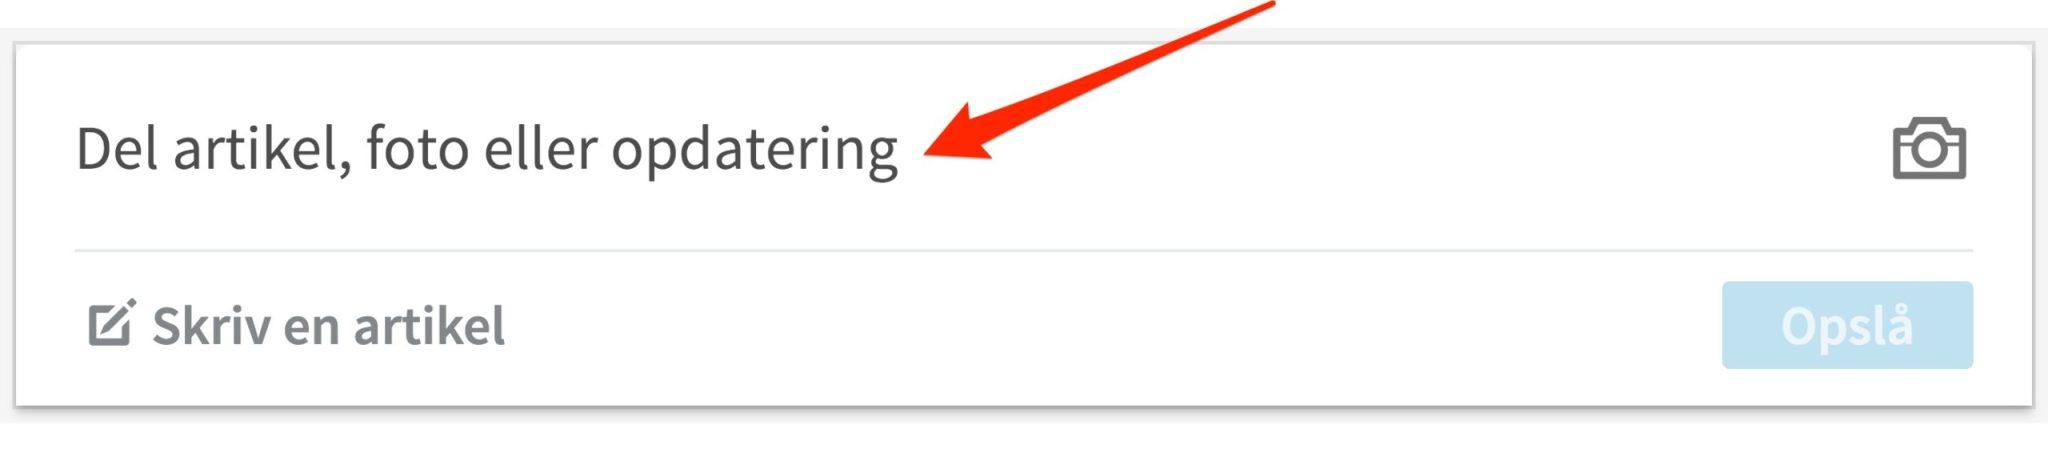 Blogindlæg om forskellen på en statusopdatering og Pulse blogindlæg på LinkedIn